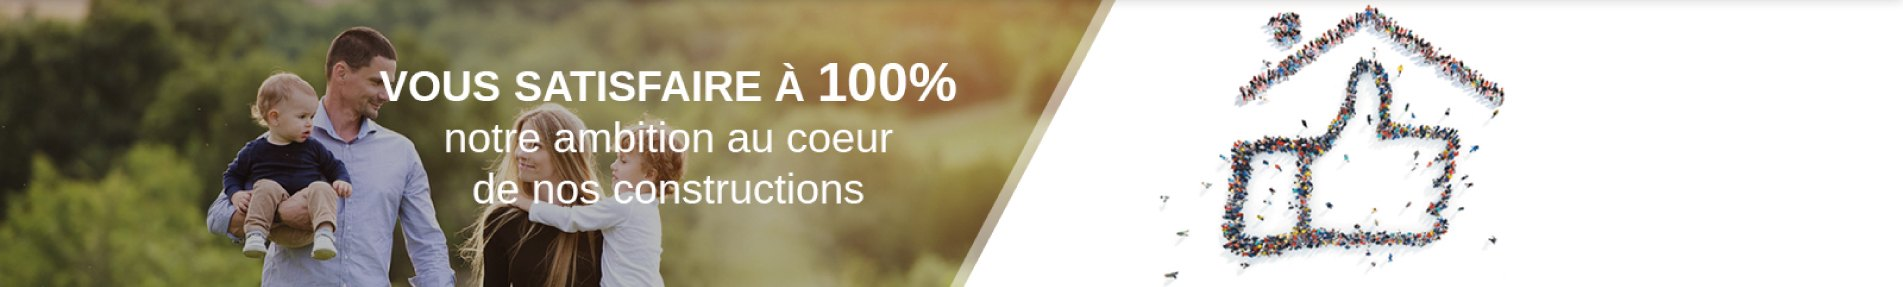 Vous satisfaire à 100%, notre ambition au coeur de nos constructions